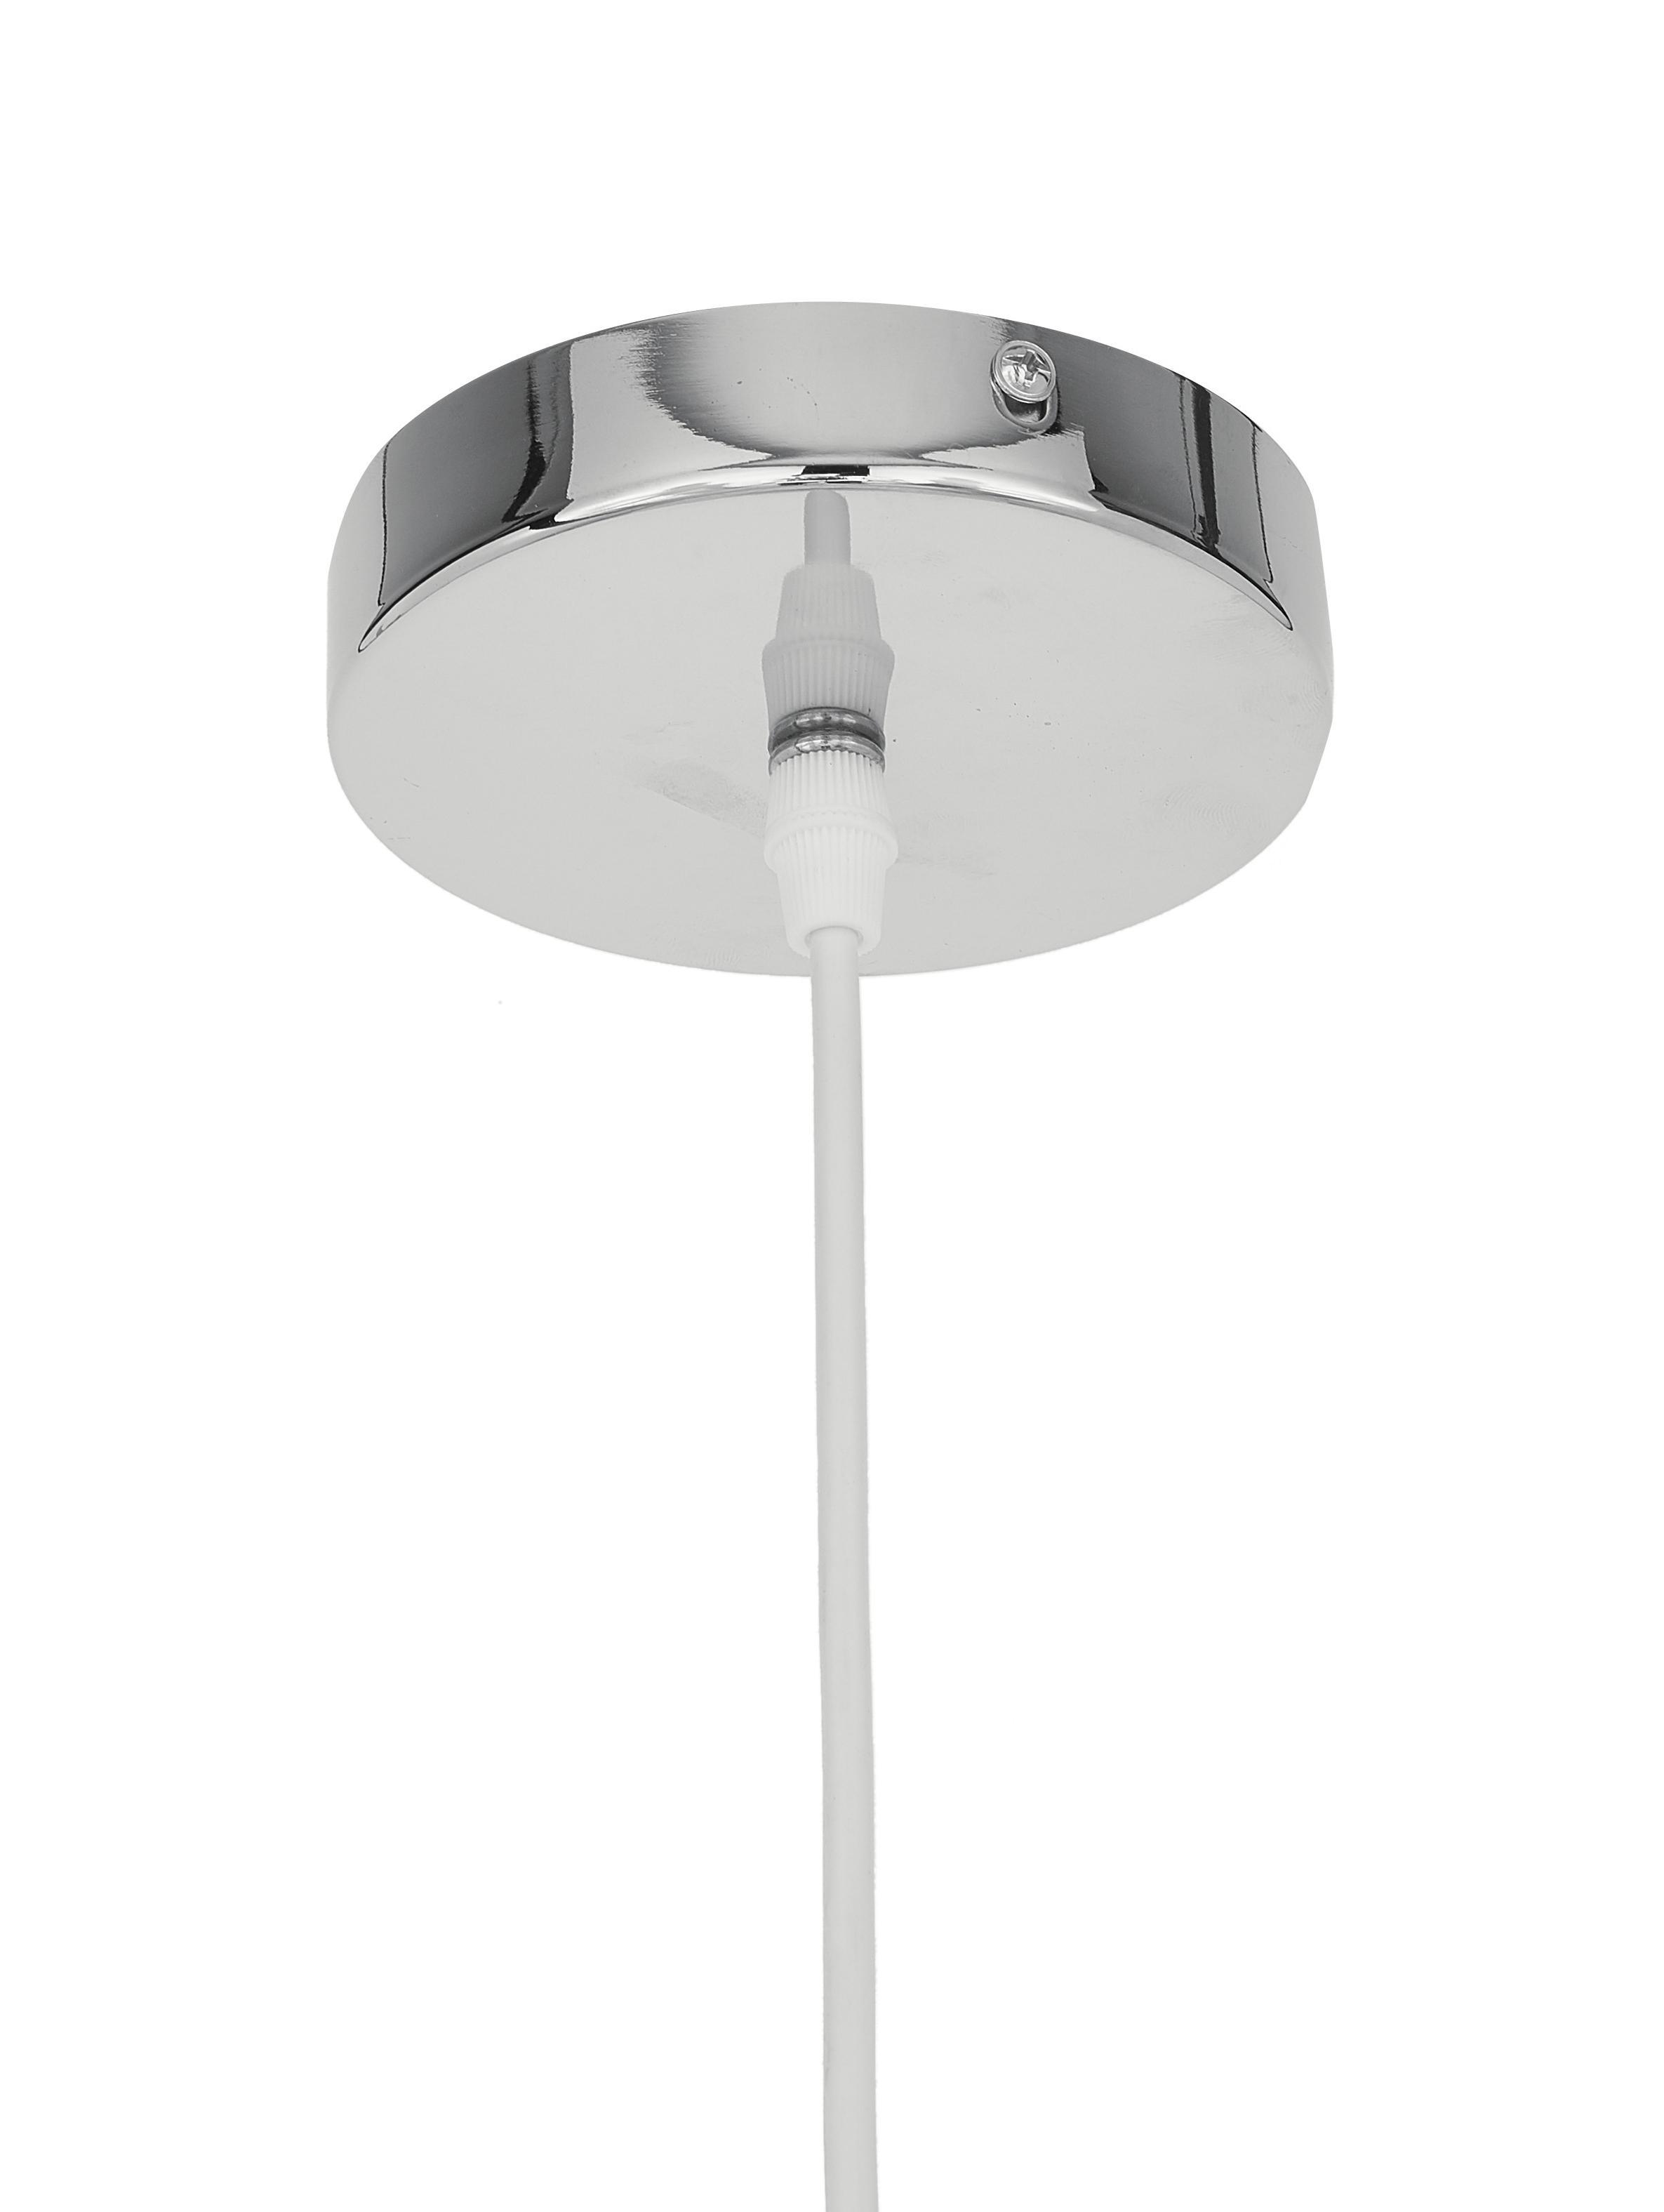 Pendelleuchte Cable Drop aus Stoff, Textil, Metall, Weiß, Ø 45 x H 51 cm